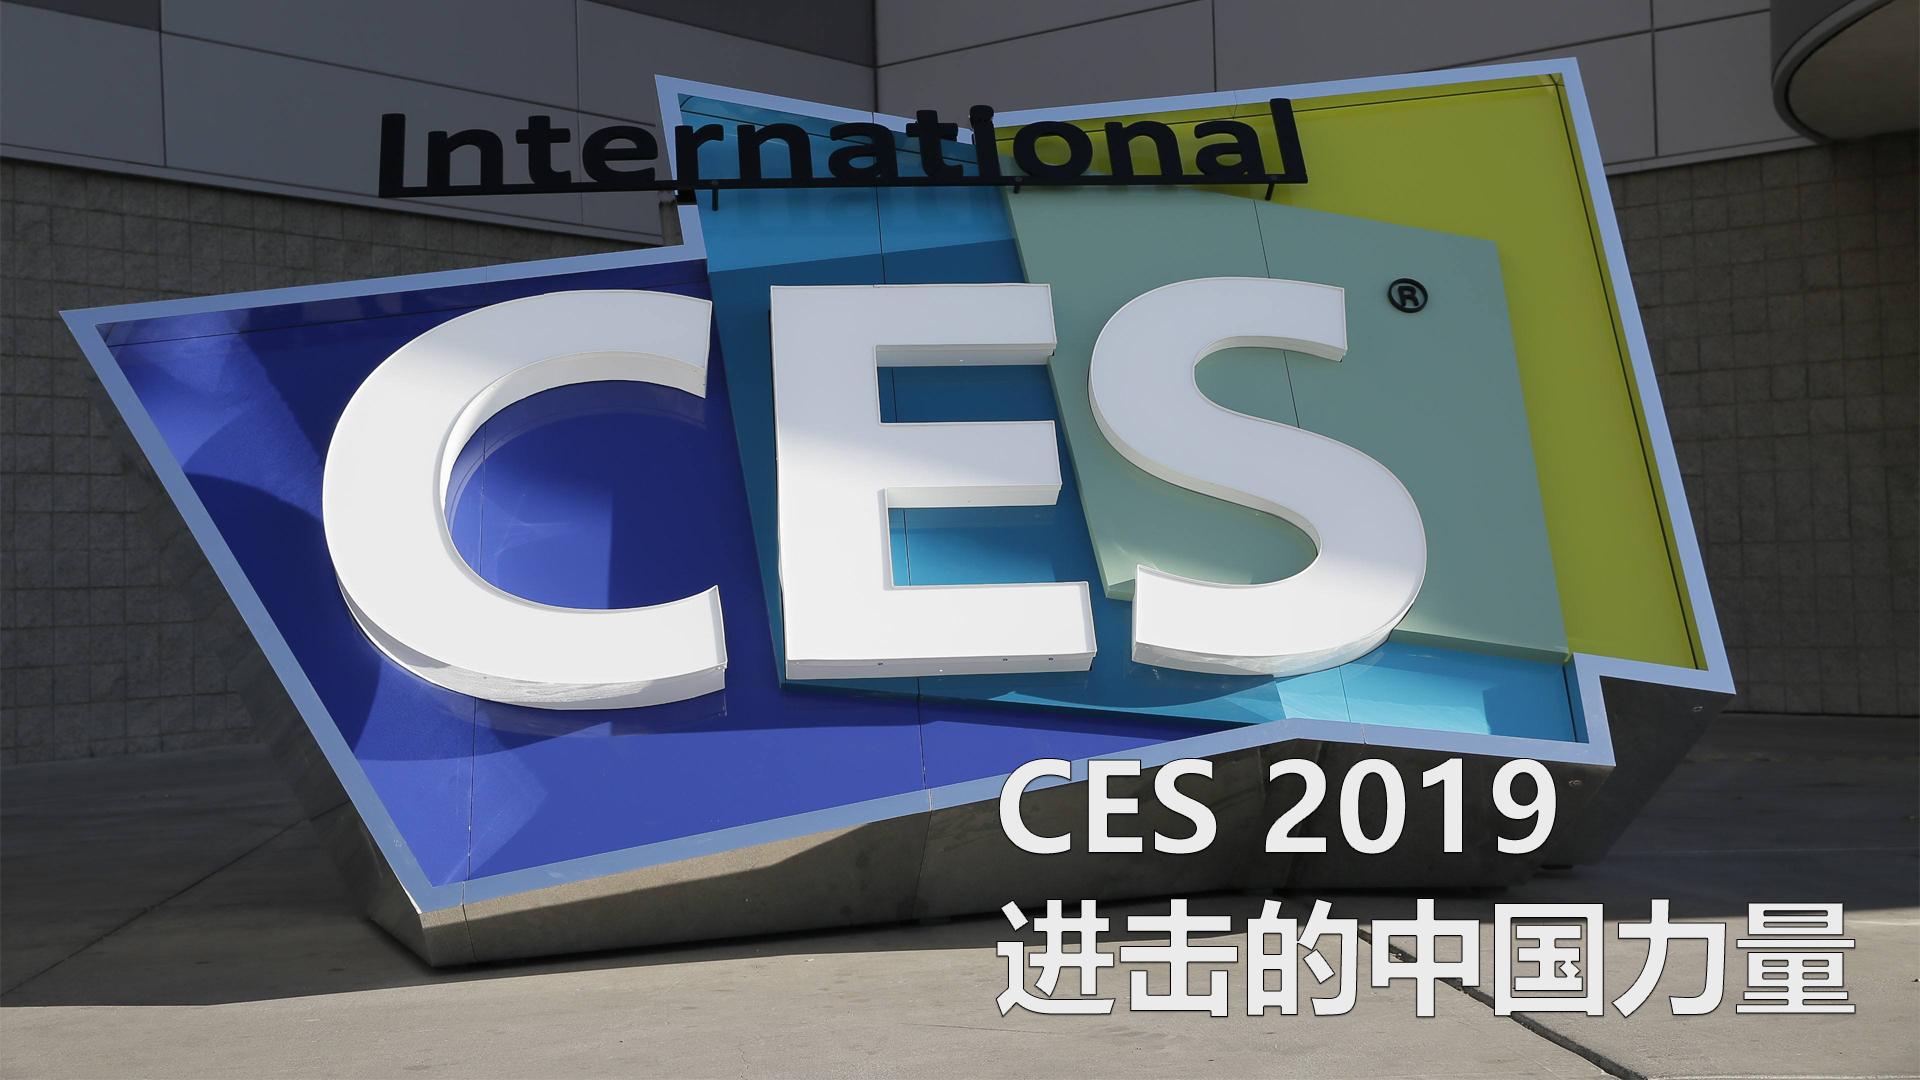 中国车企美国秀操作,小鹏威马不说,连红旗都来CES了,给面儿!